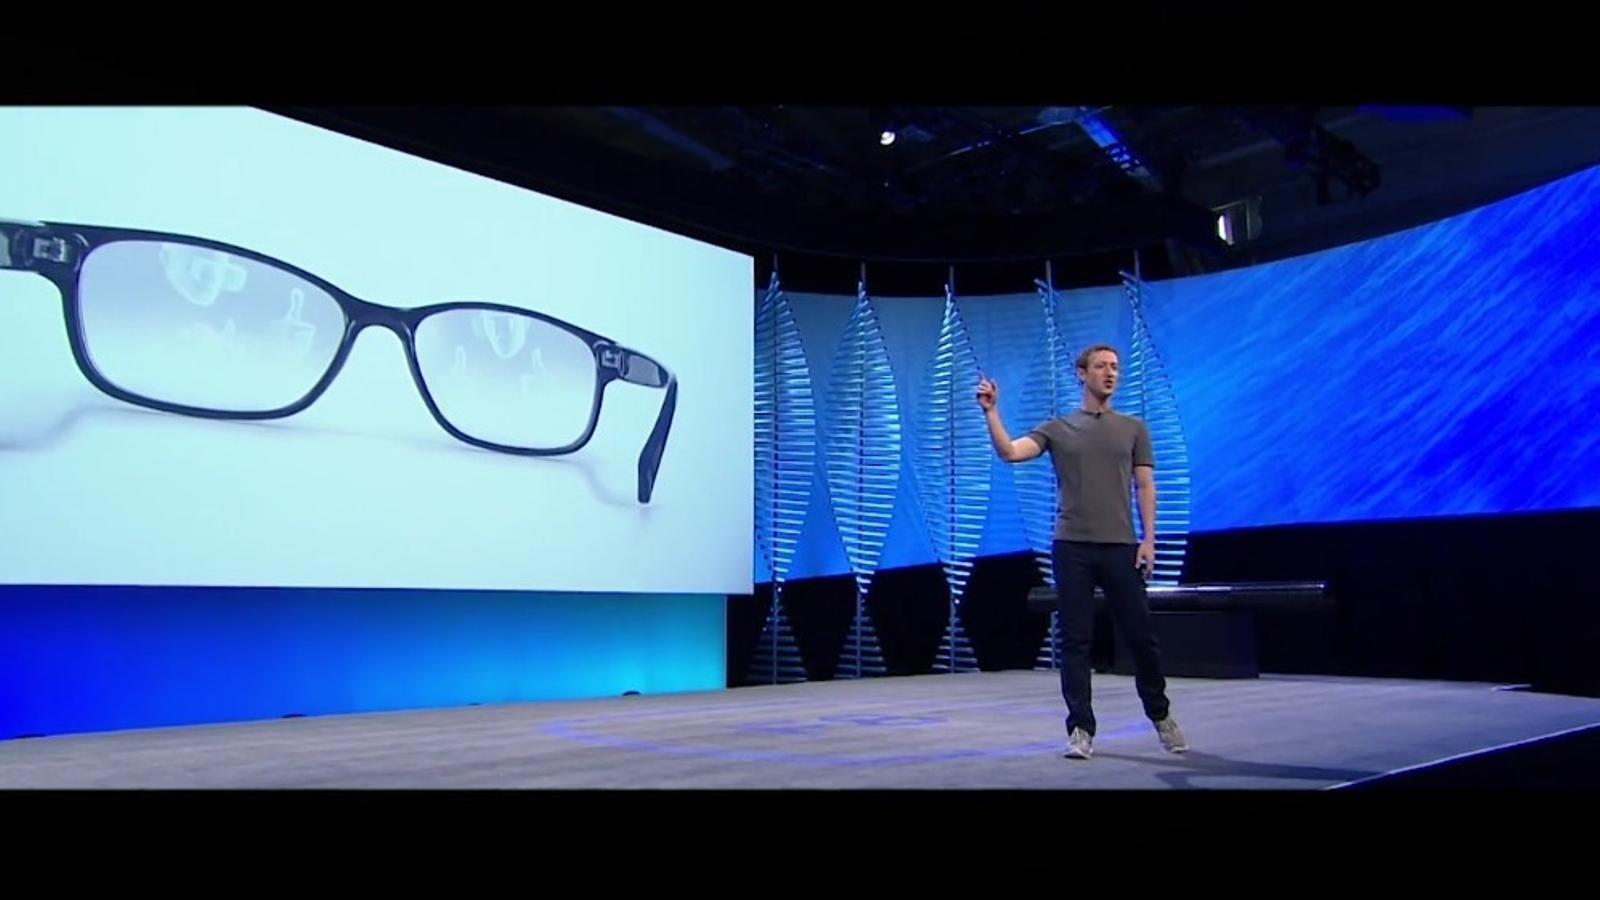 Zuckerberg creu que, d'aquí a 10 anys, unes ulleres de realitat virtual seran com unes ulleres normals. / FACEBOOK